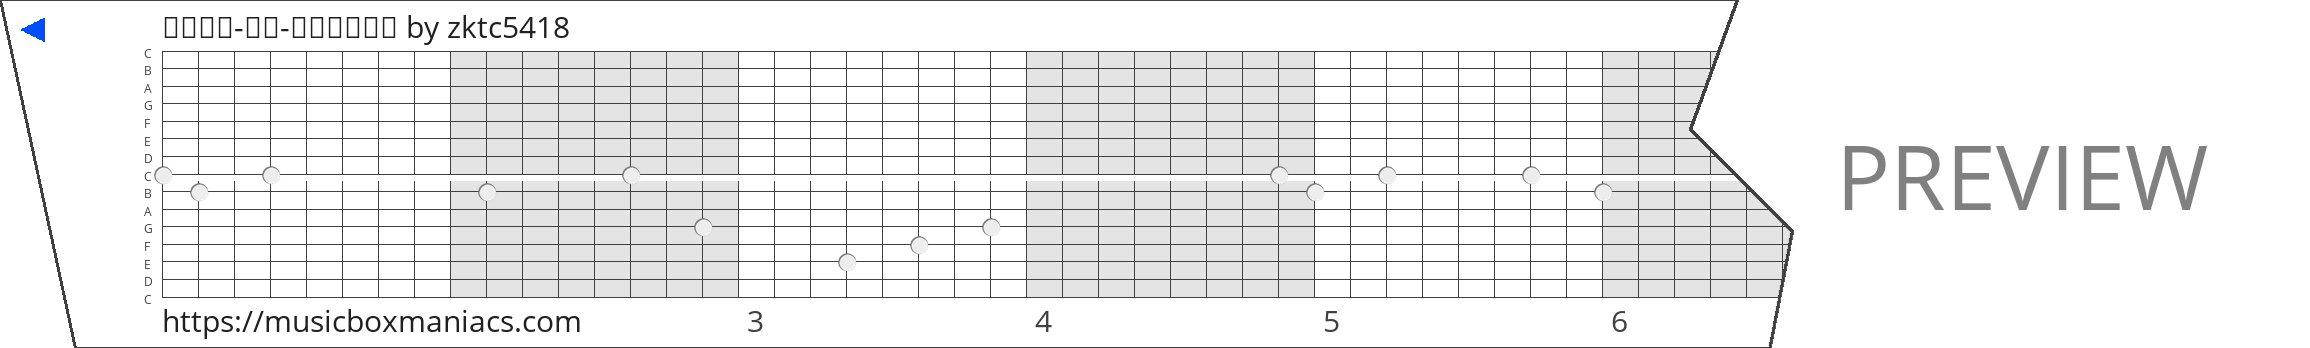 灌篮高手-童年-热血日本动漫 15 note music box paper strip